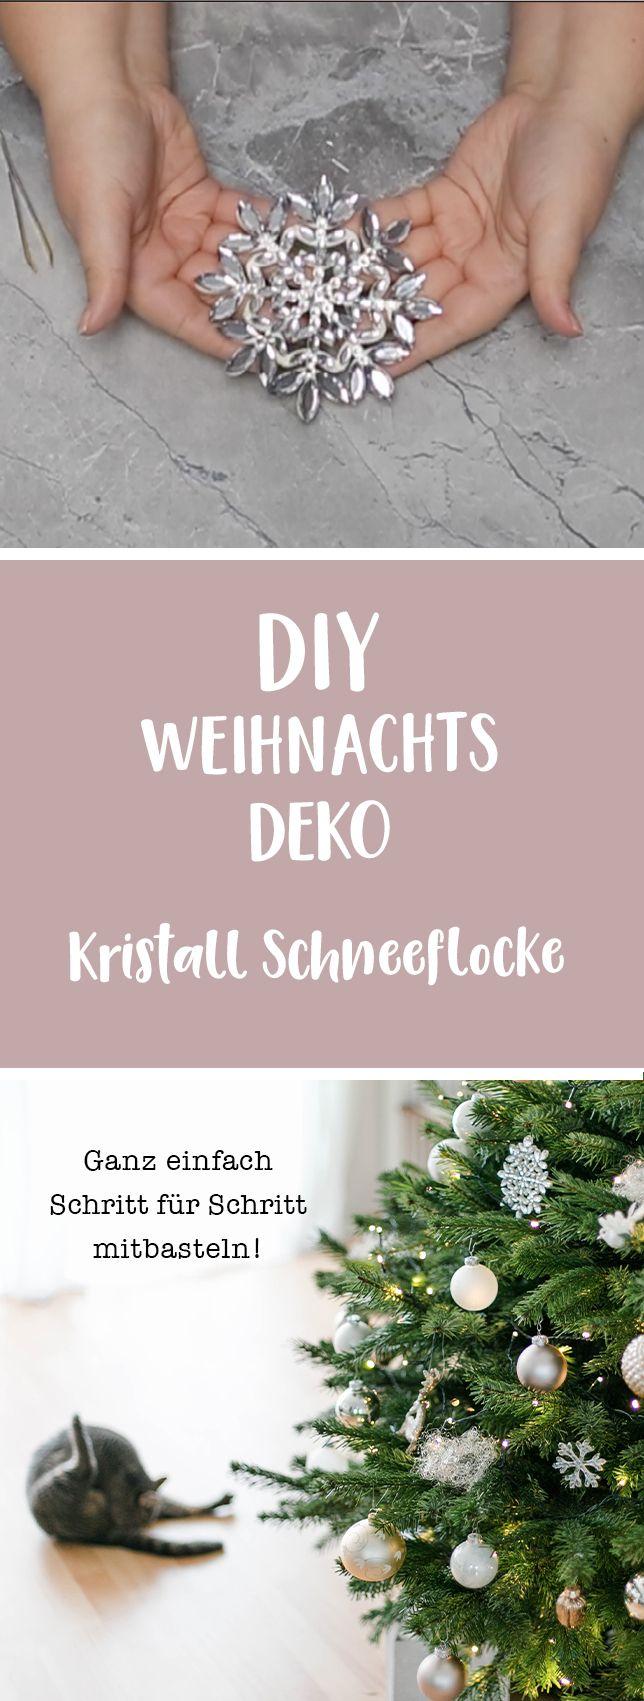 diy weihnachten ich zeige euch wie ihr eine deko kristall schneeflocke f r euren weihnachtsbaum. Black Bedroom Furniture Sets. Home Design Ideas